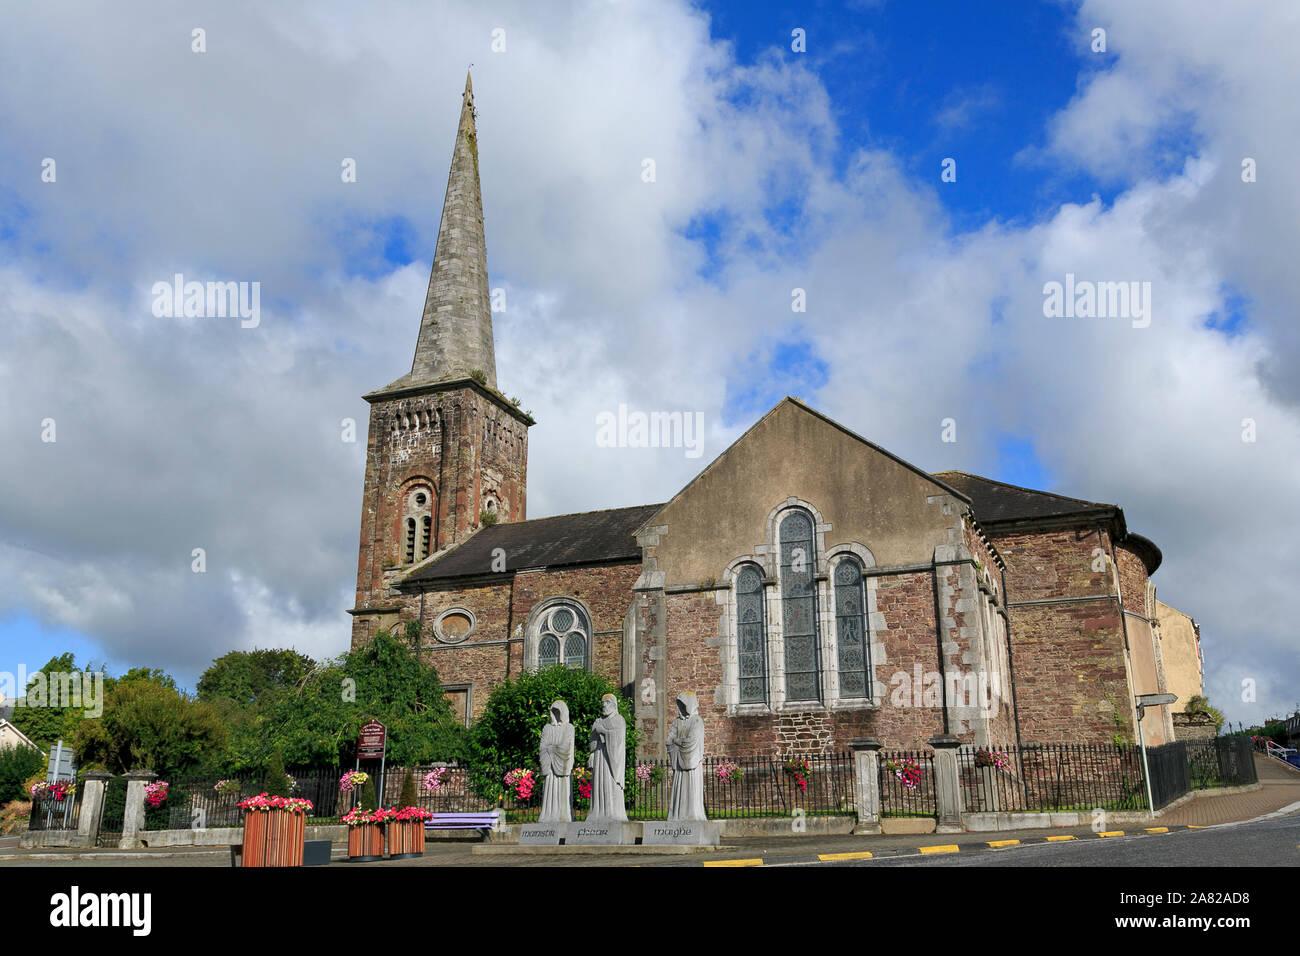 Christ Church, Church of Ireland, Fermoy - TripAdvisor